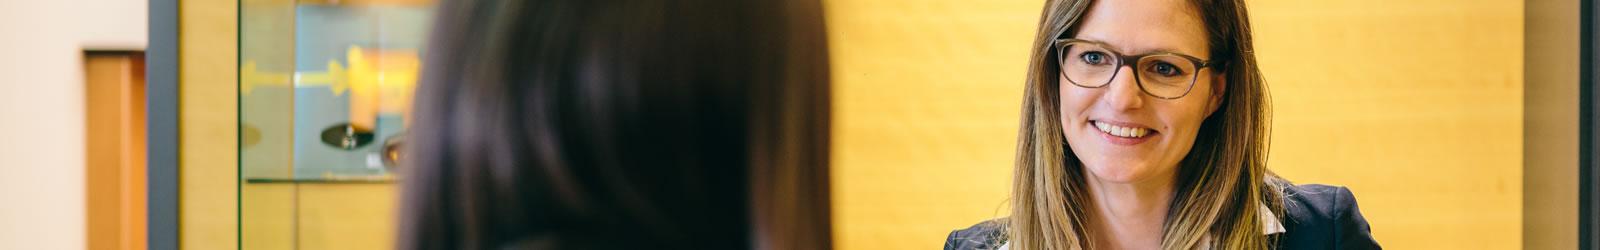 Optik Weber: Kontakt